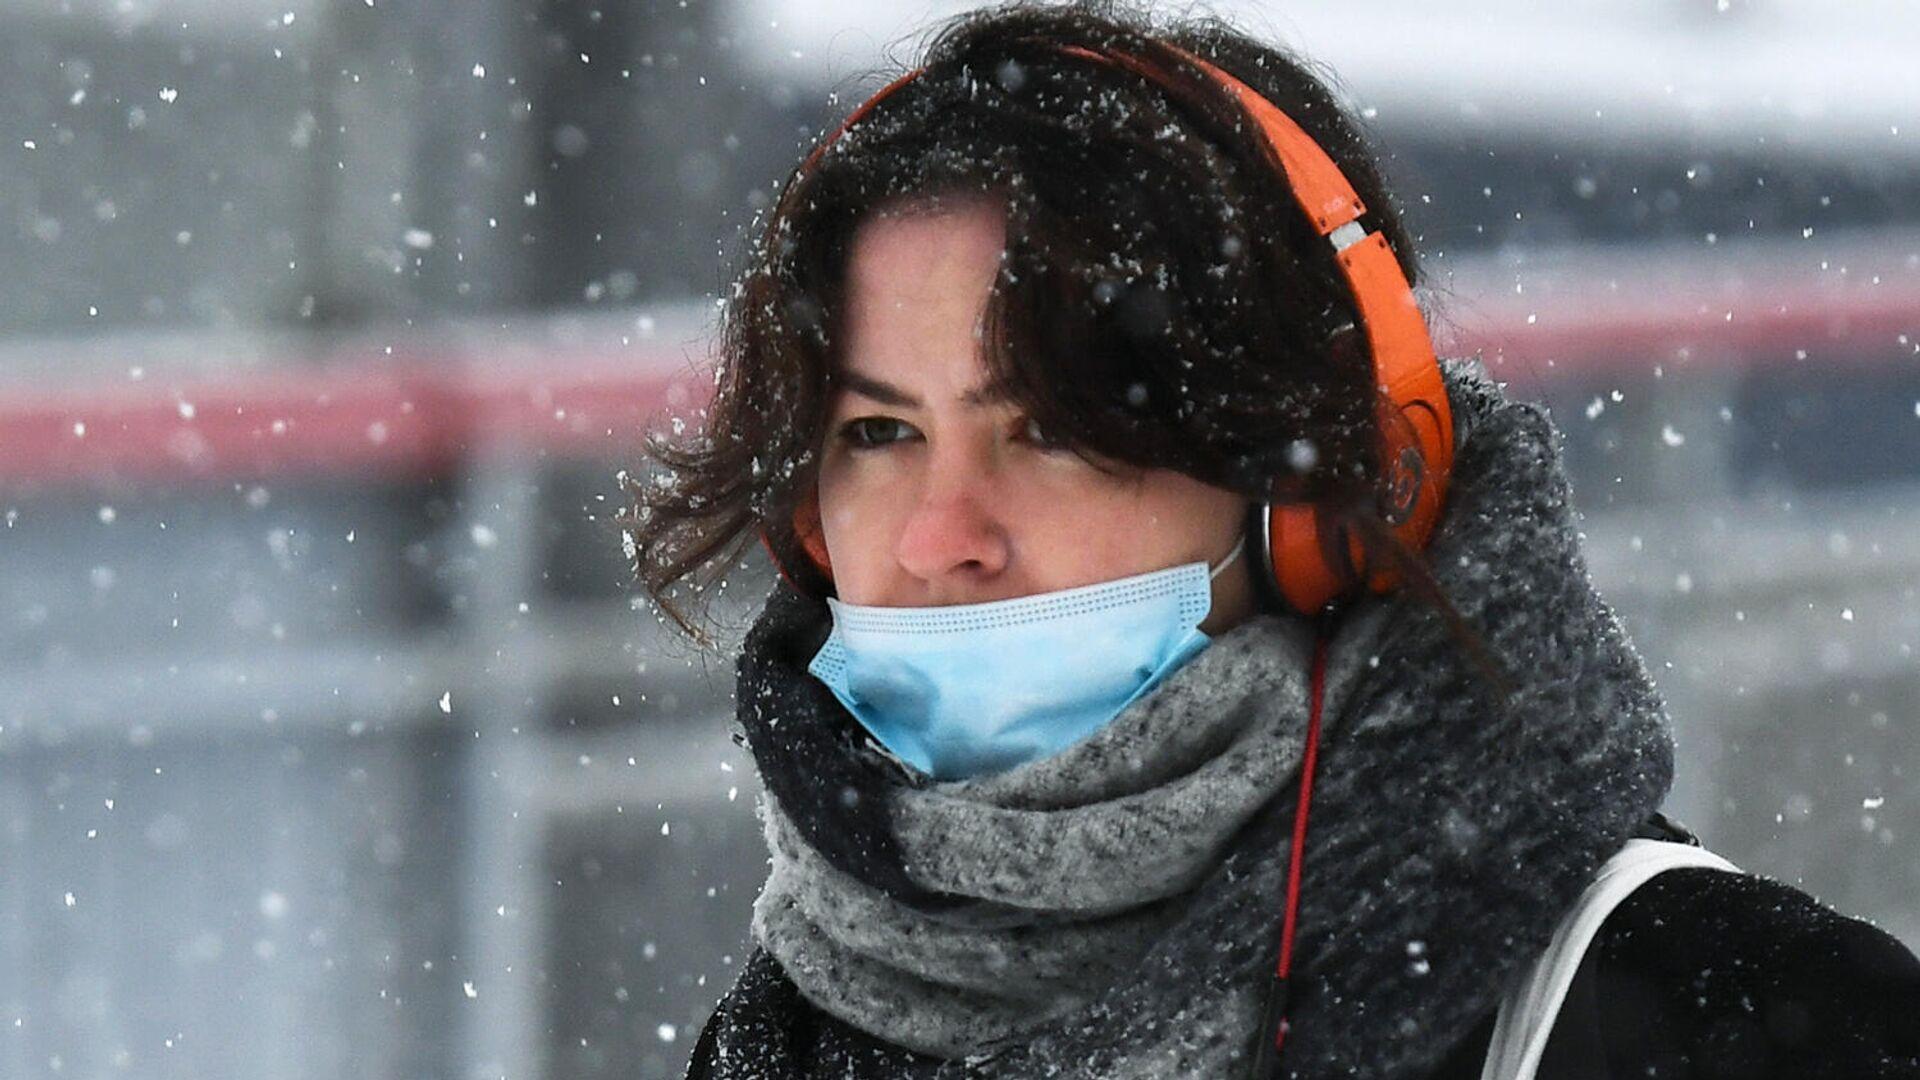 Девушка в медицинской маске на улице - РИА Новости, 1920, 12.01.2021